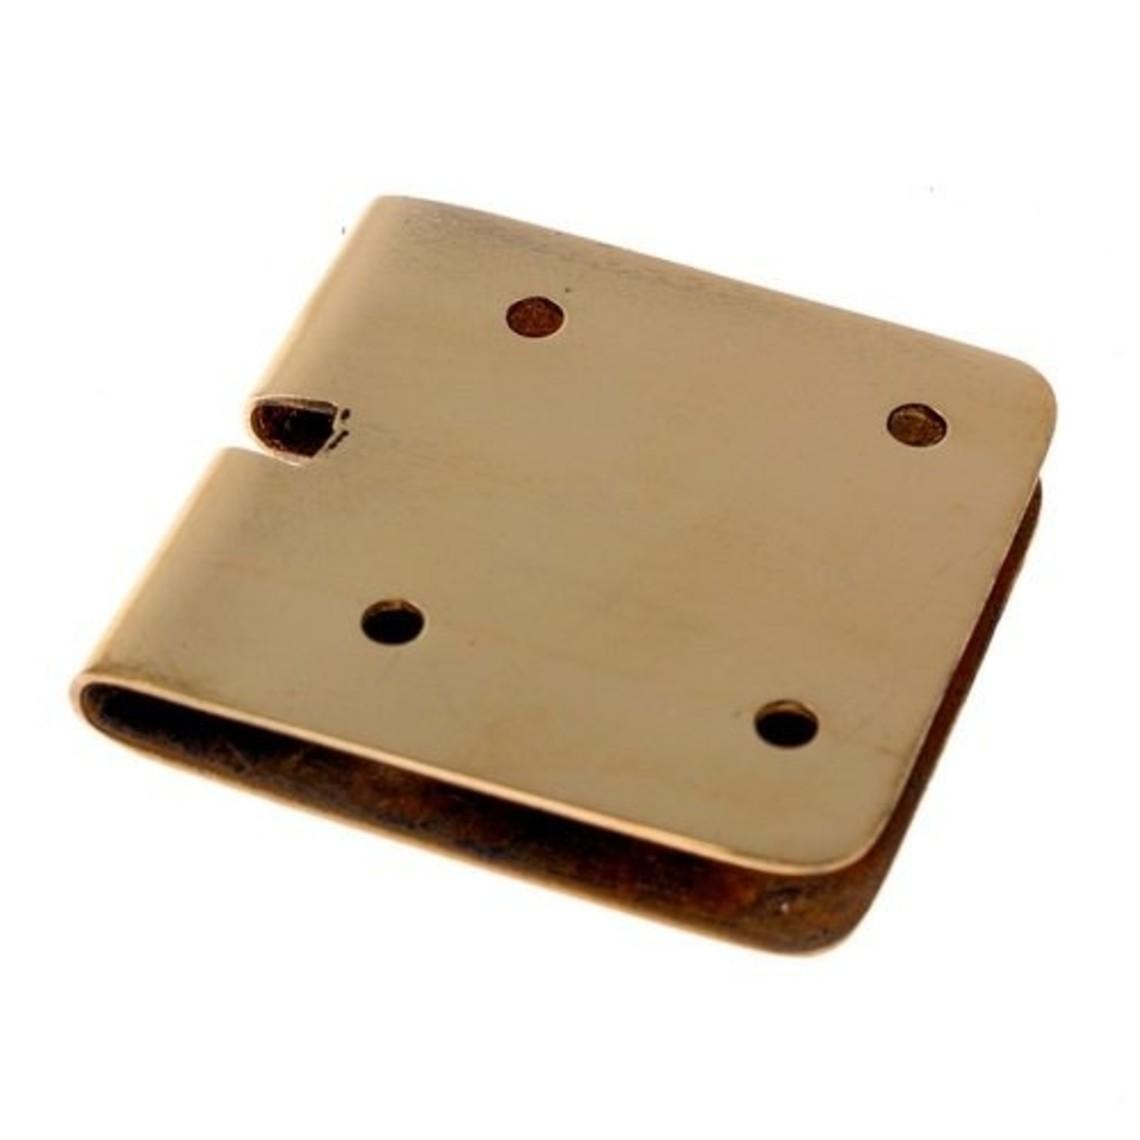 placa de la correa 4 cm, bronce